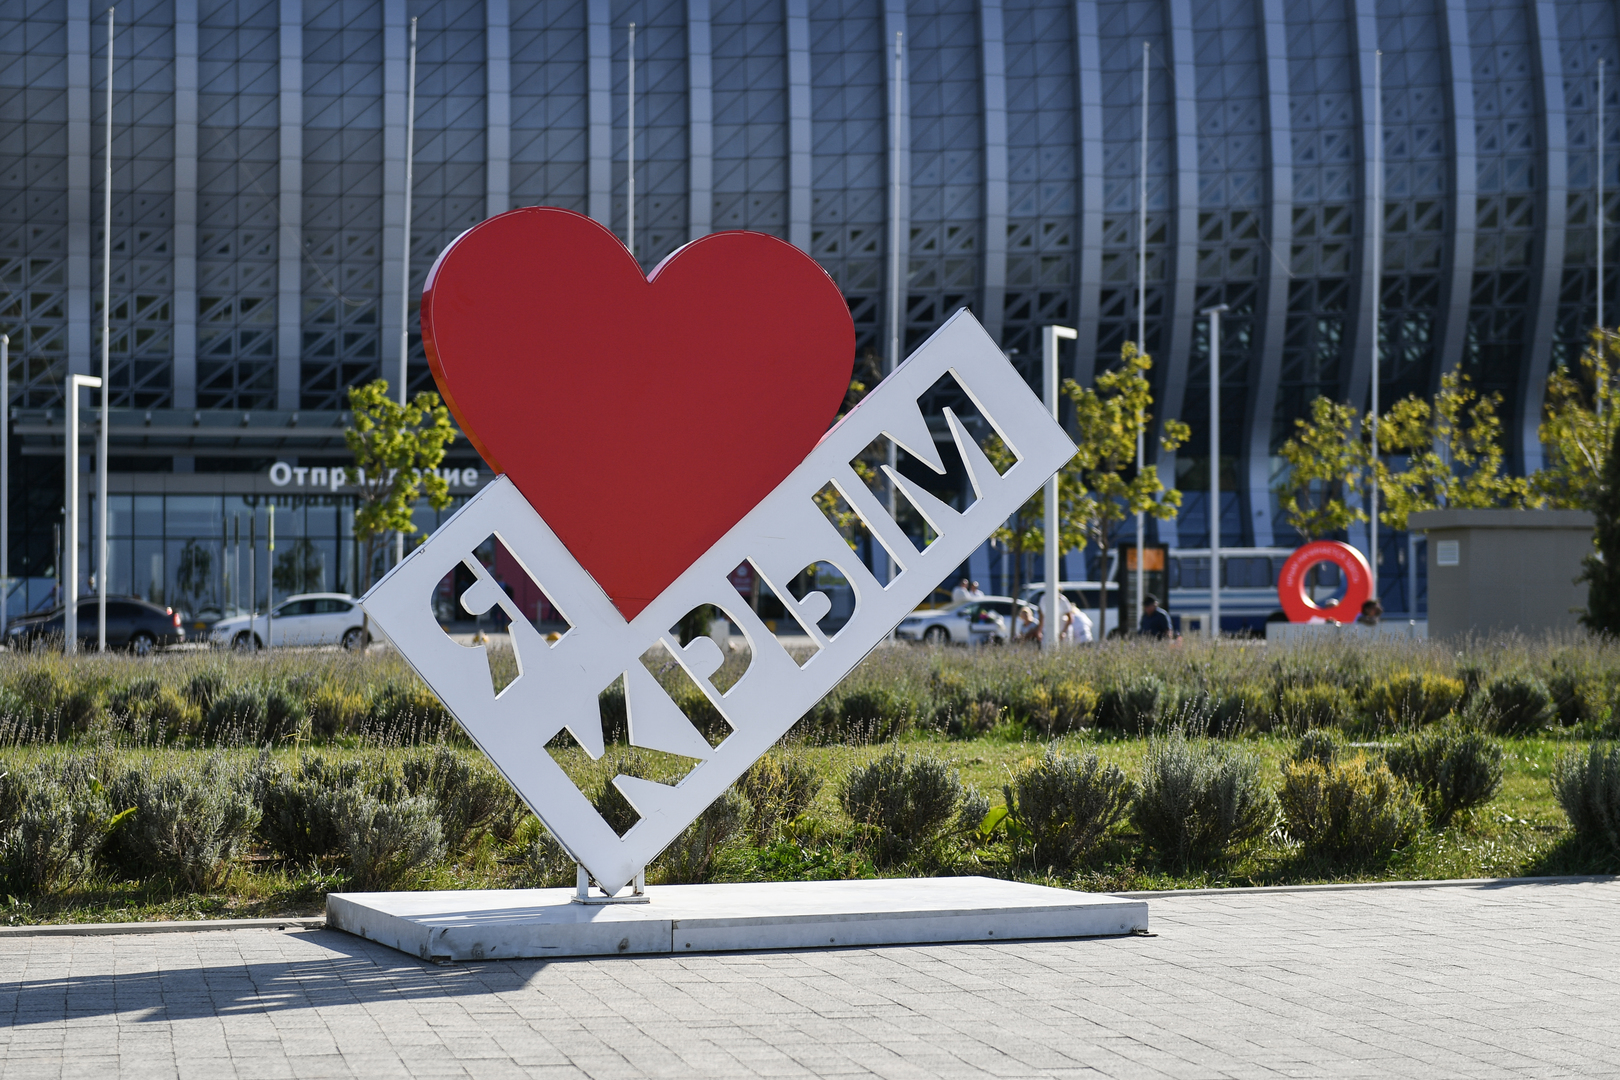 Krim verzeichnet 2019 Touristenrekord: Mehr als sieben Millionen Besucher